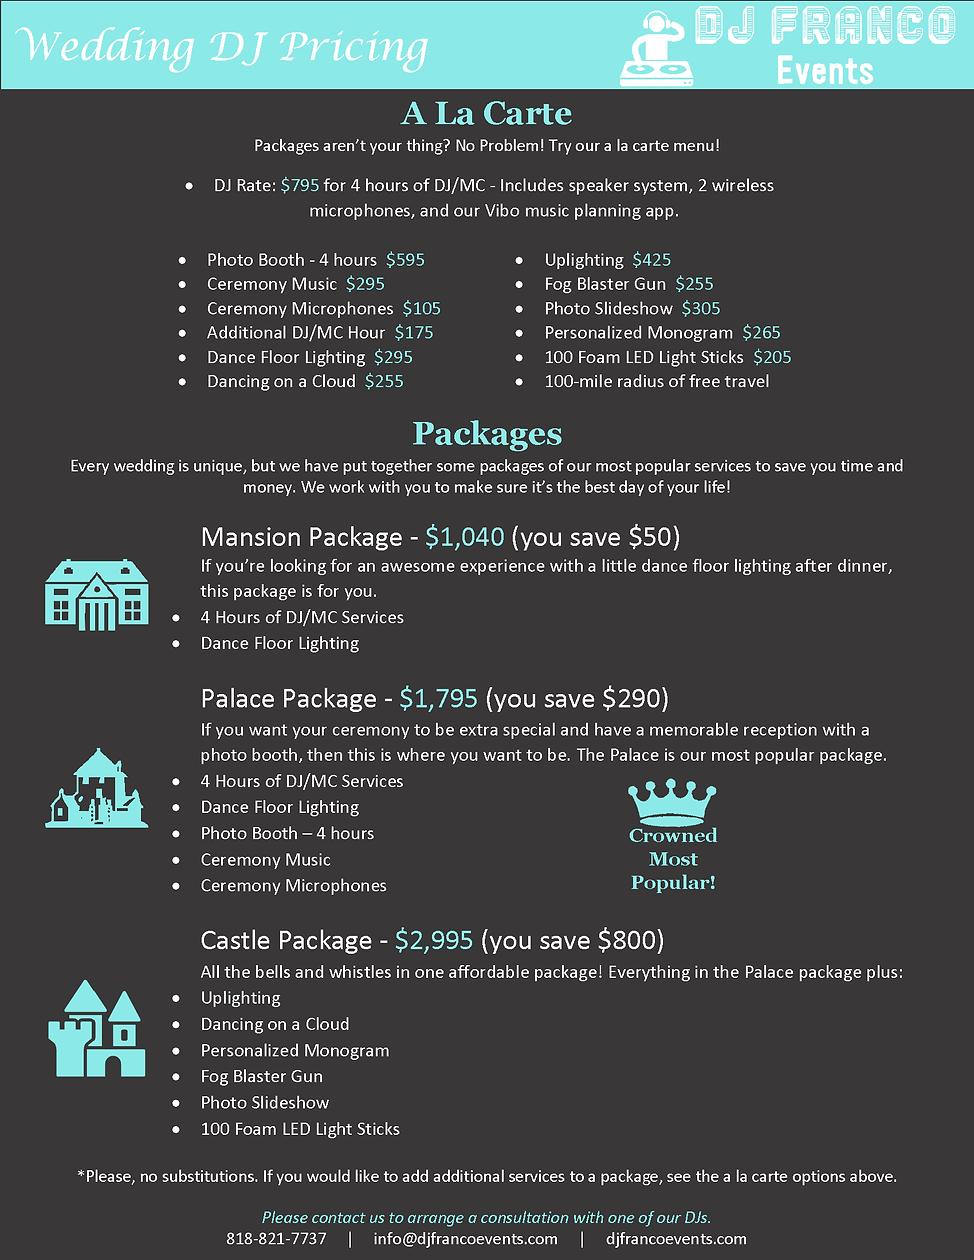 Wedding DJ Pricing 6.8.20.png